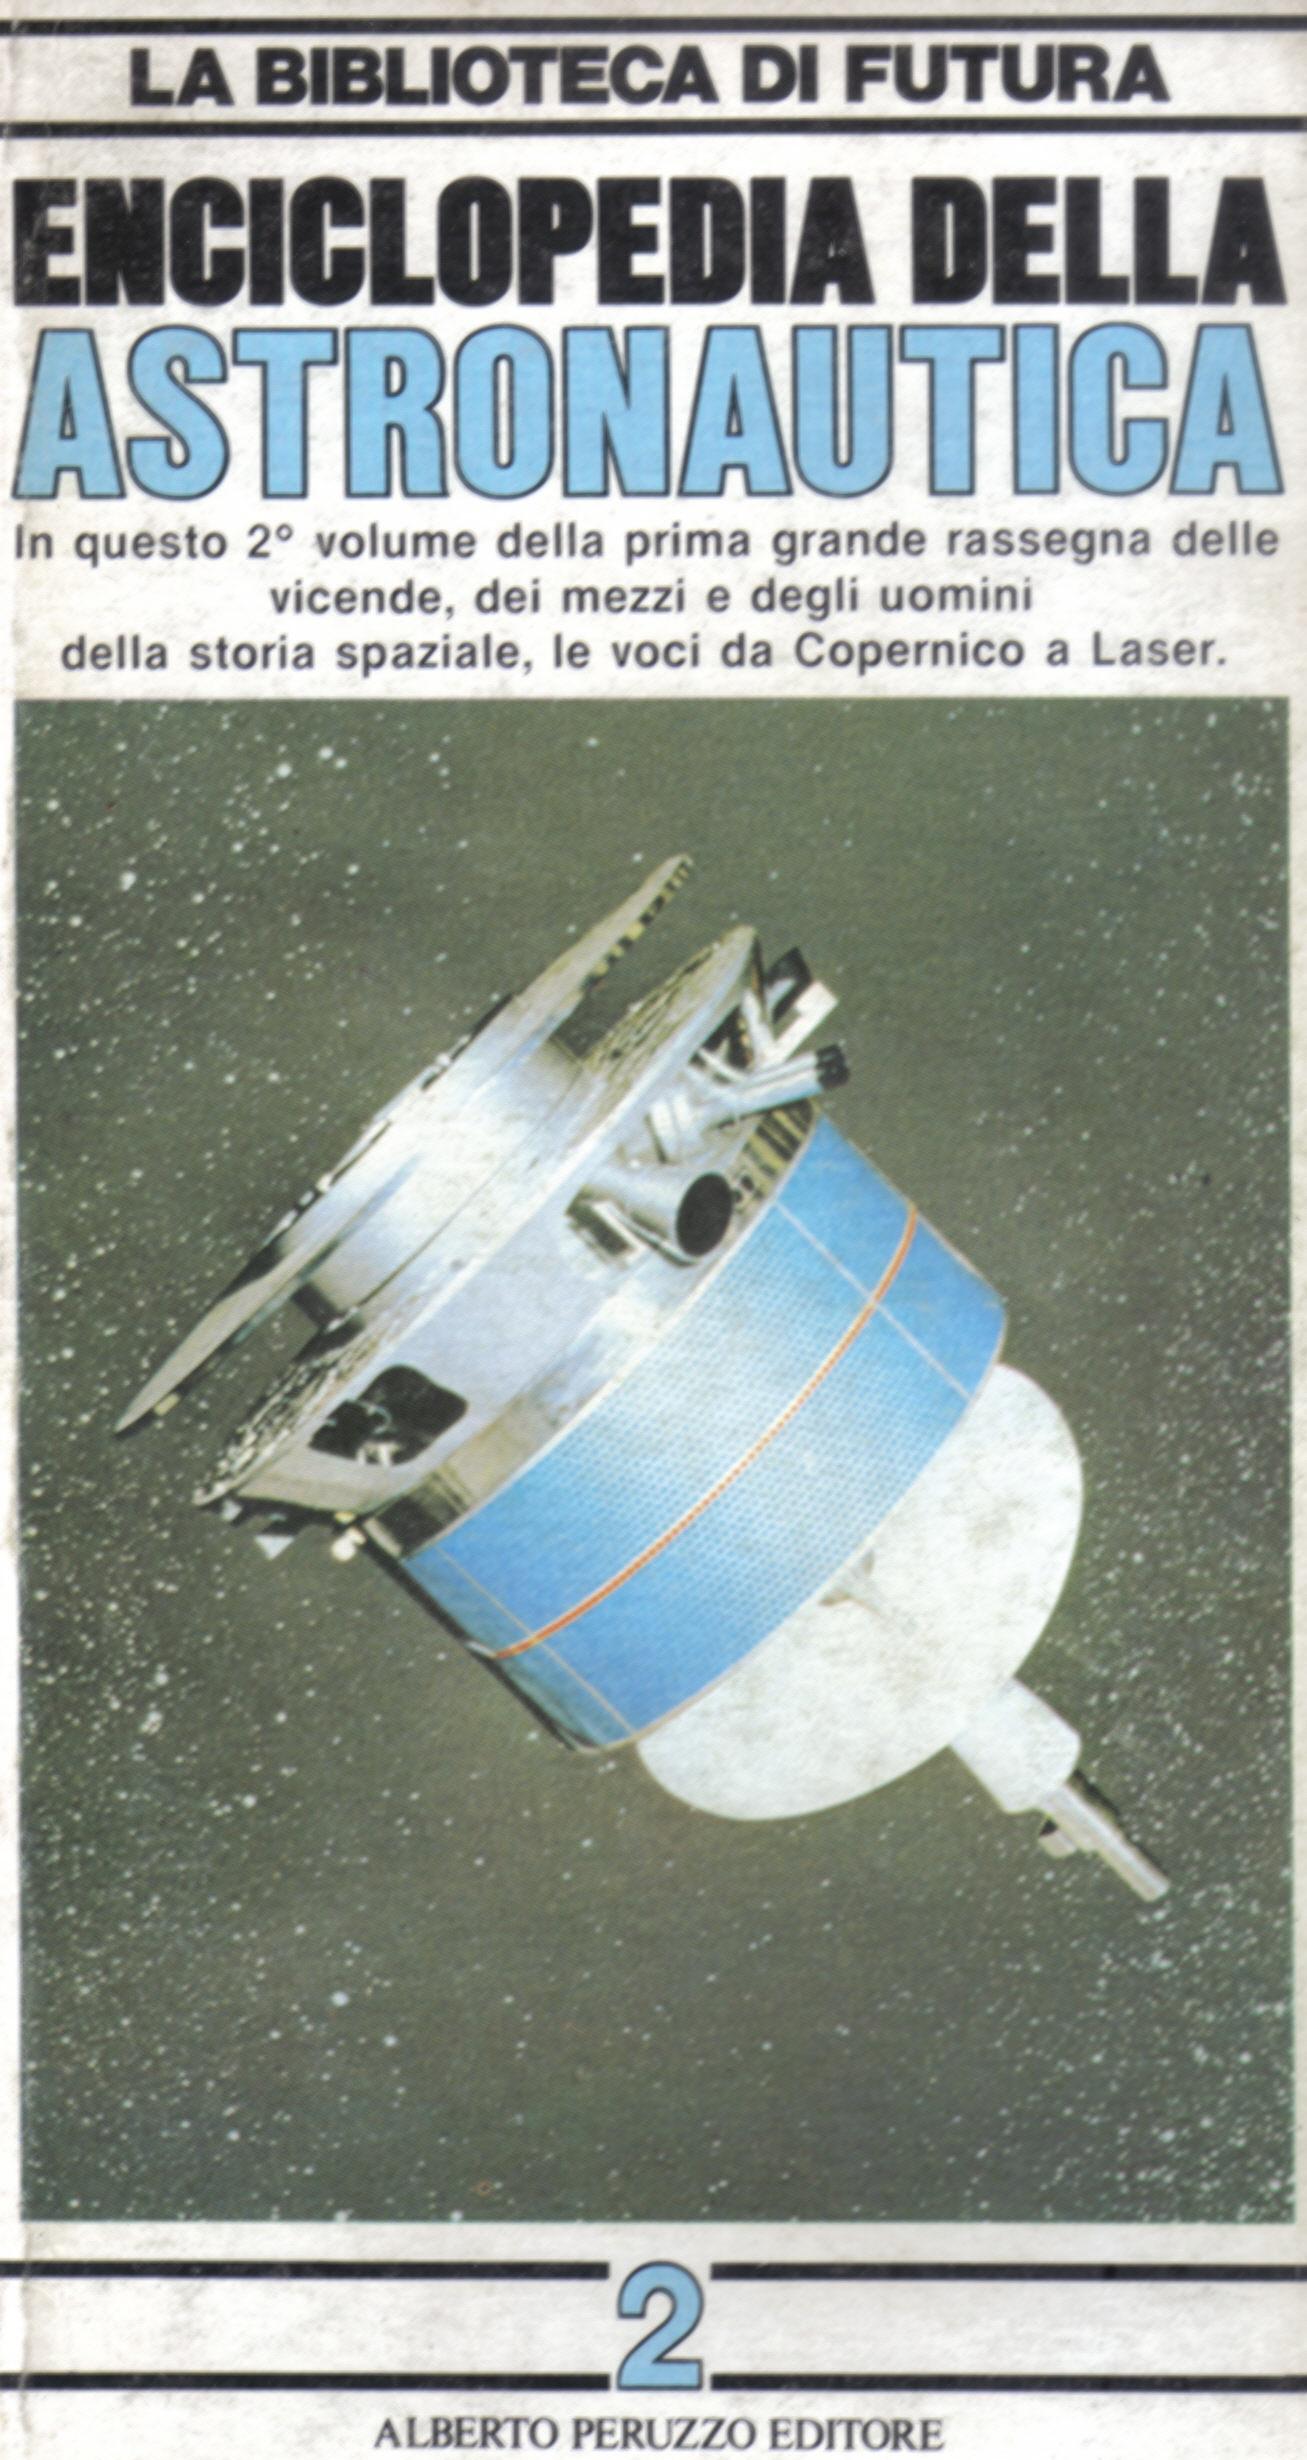 Enciclopedia della Astronautica - Vol. 2